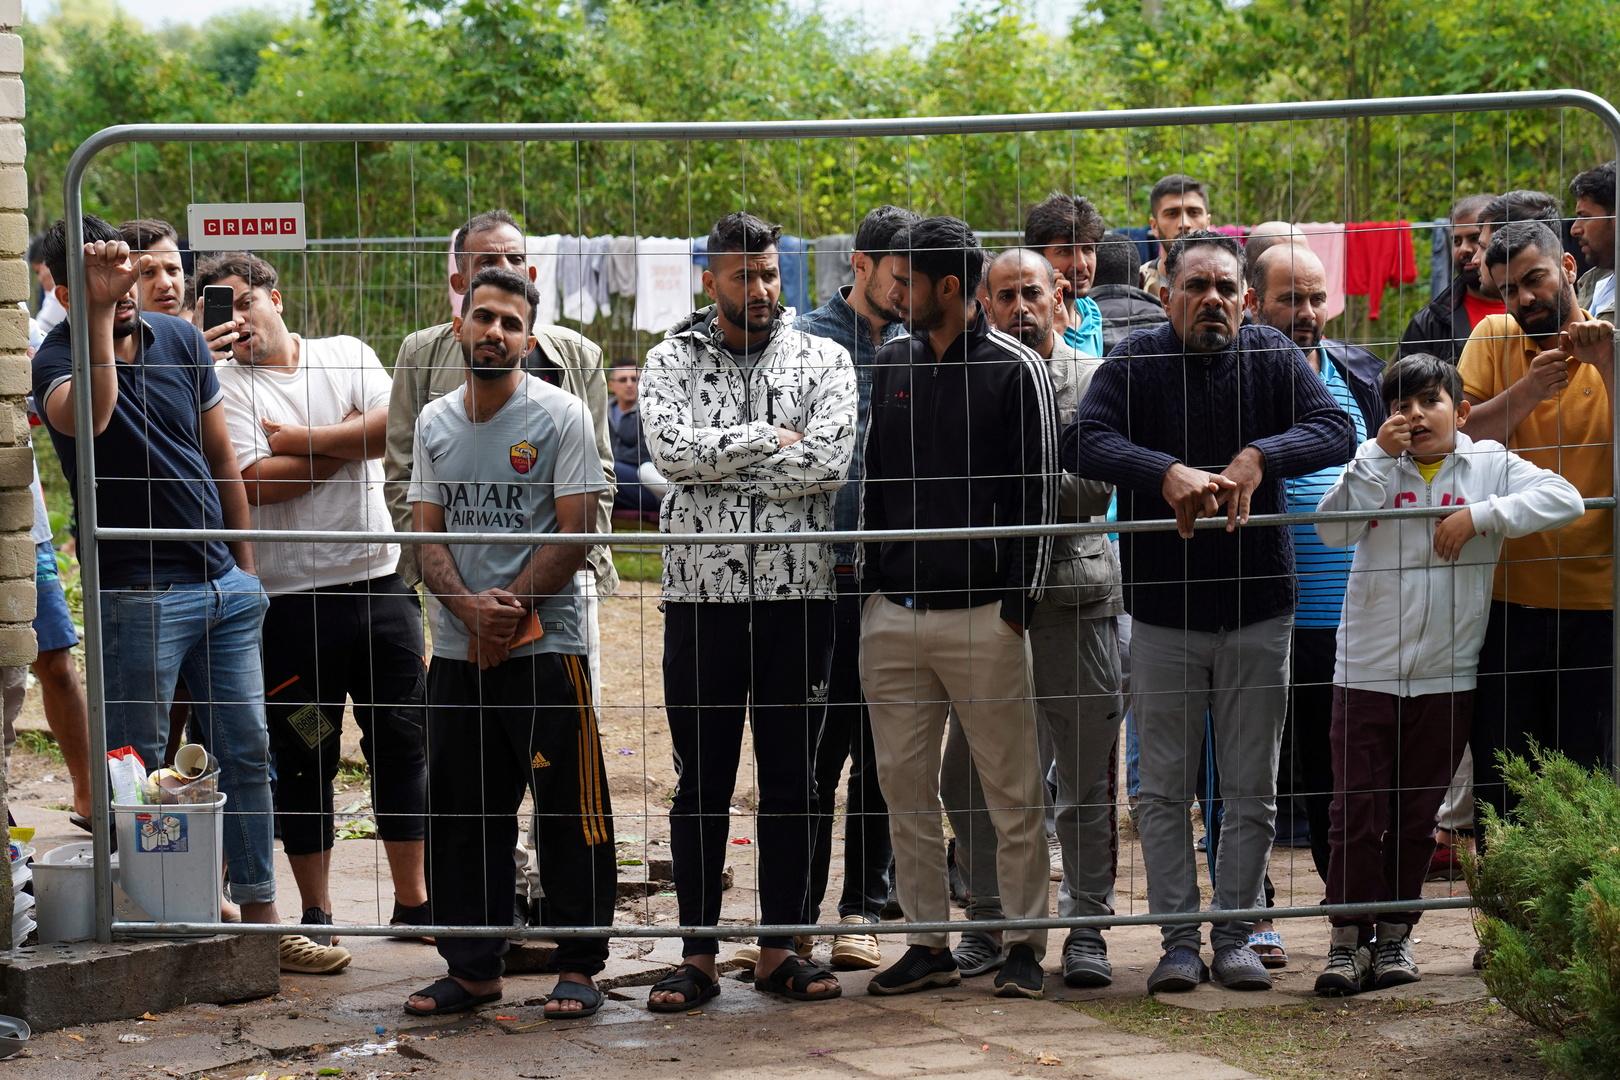 مهاجرون عبروا حدود ليتوانيا بطريقة غير شرعية قادمين من بيلاروس